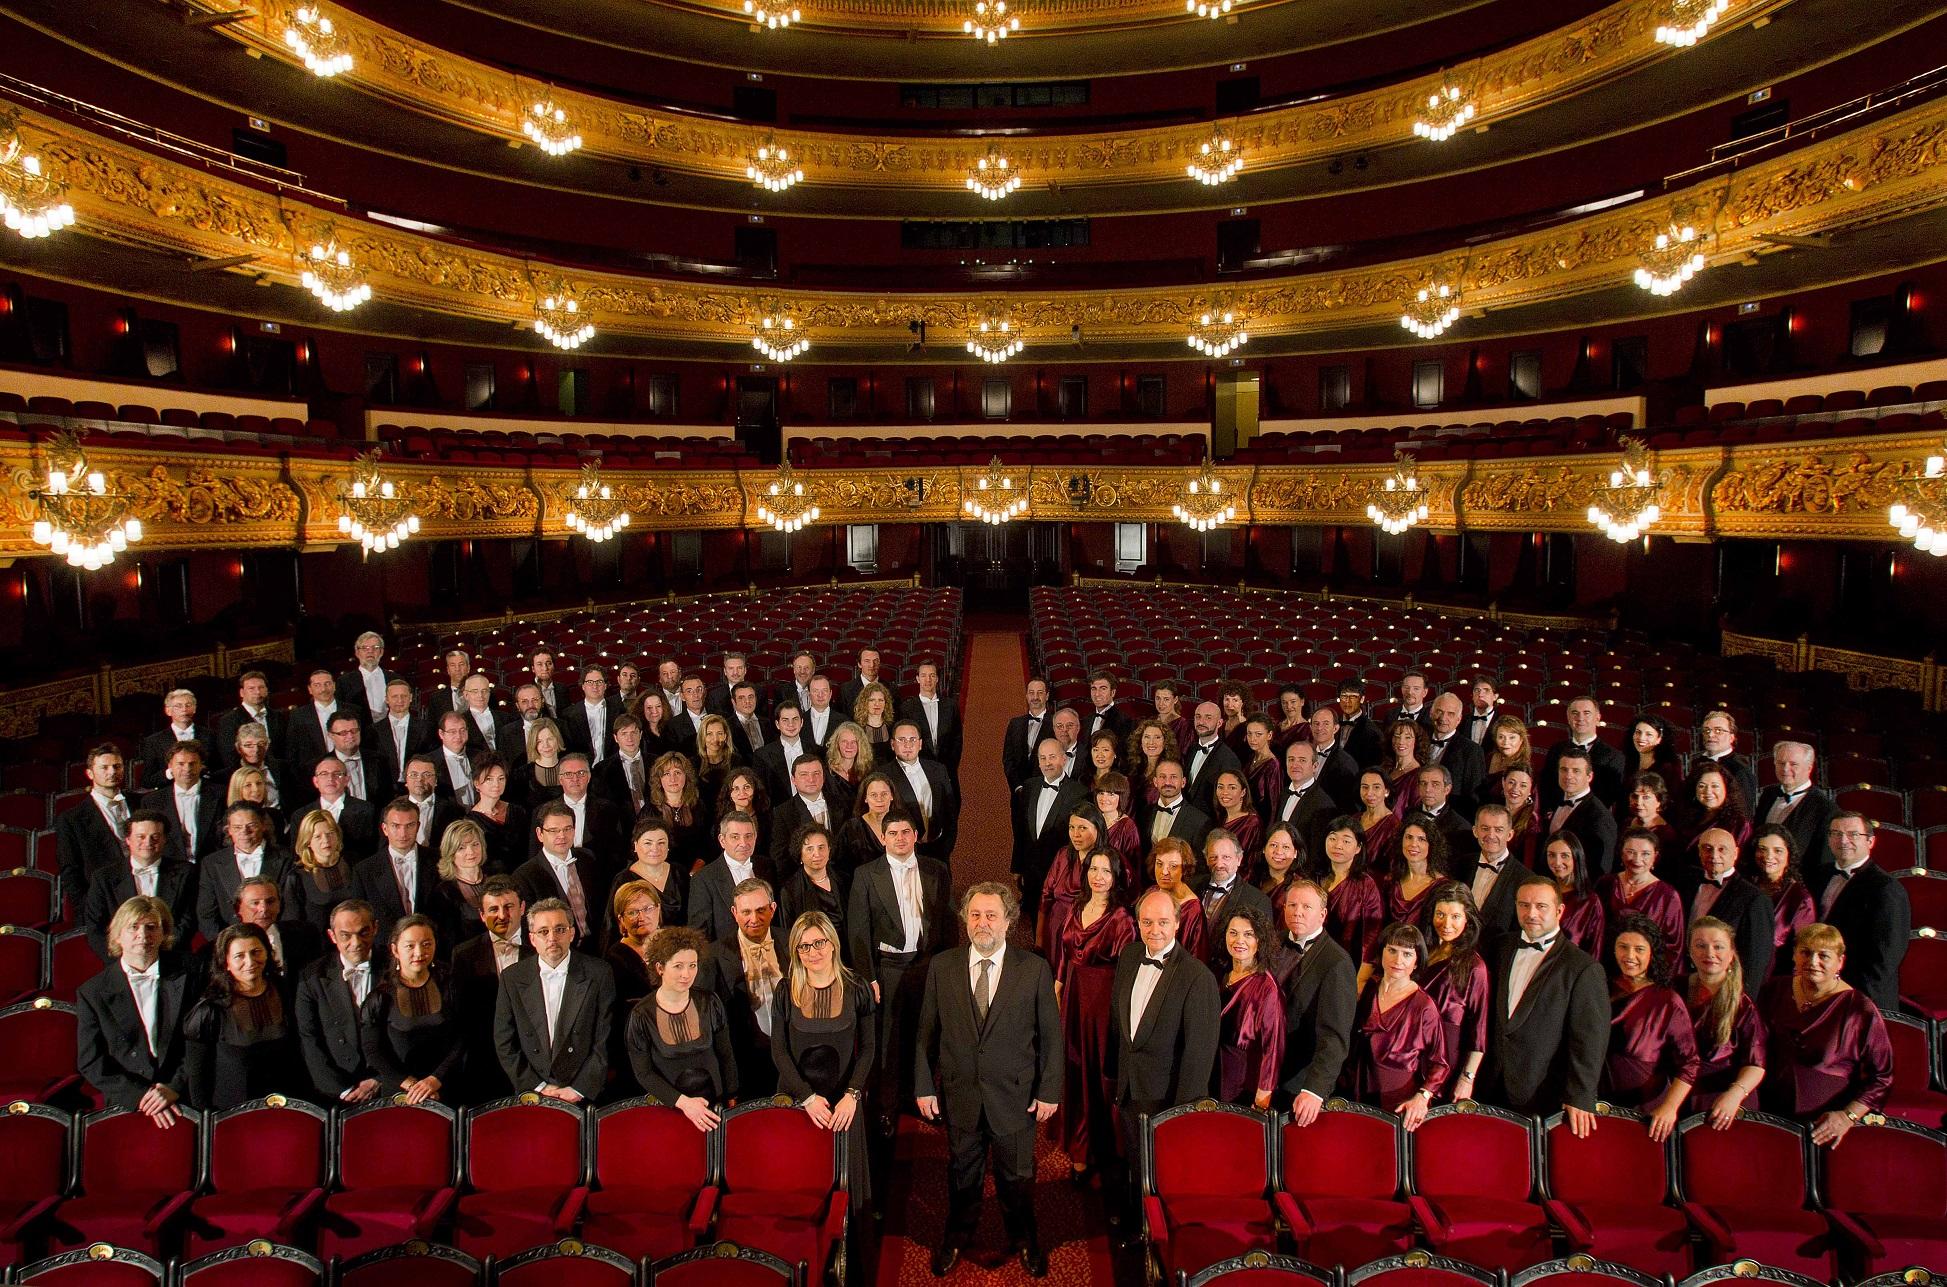 El Coro y la Orquesta Sinfónica del Gran Teatro del Liceo interpretarán elRéquiemde Verdi dentro del ciclo BCN Clàssics